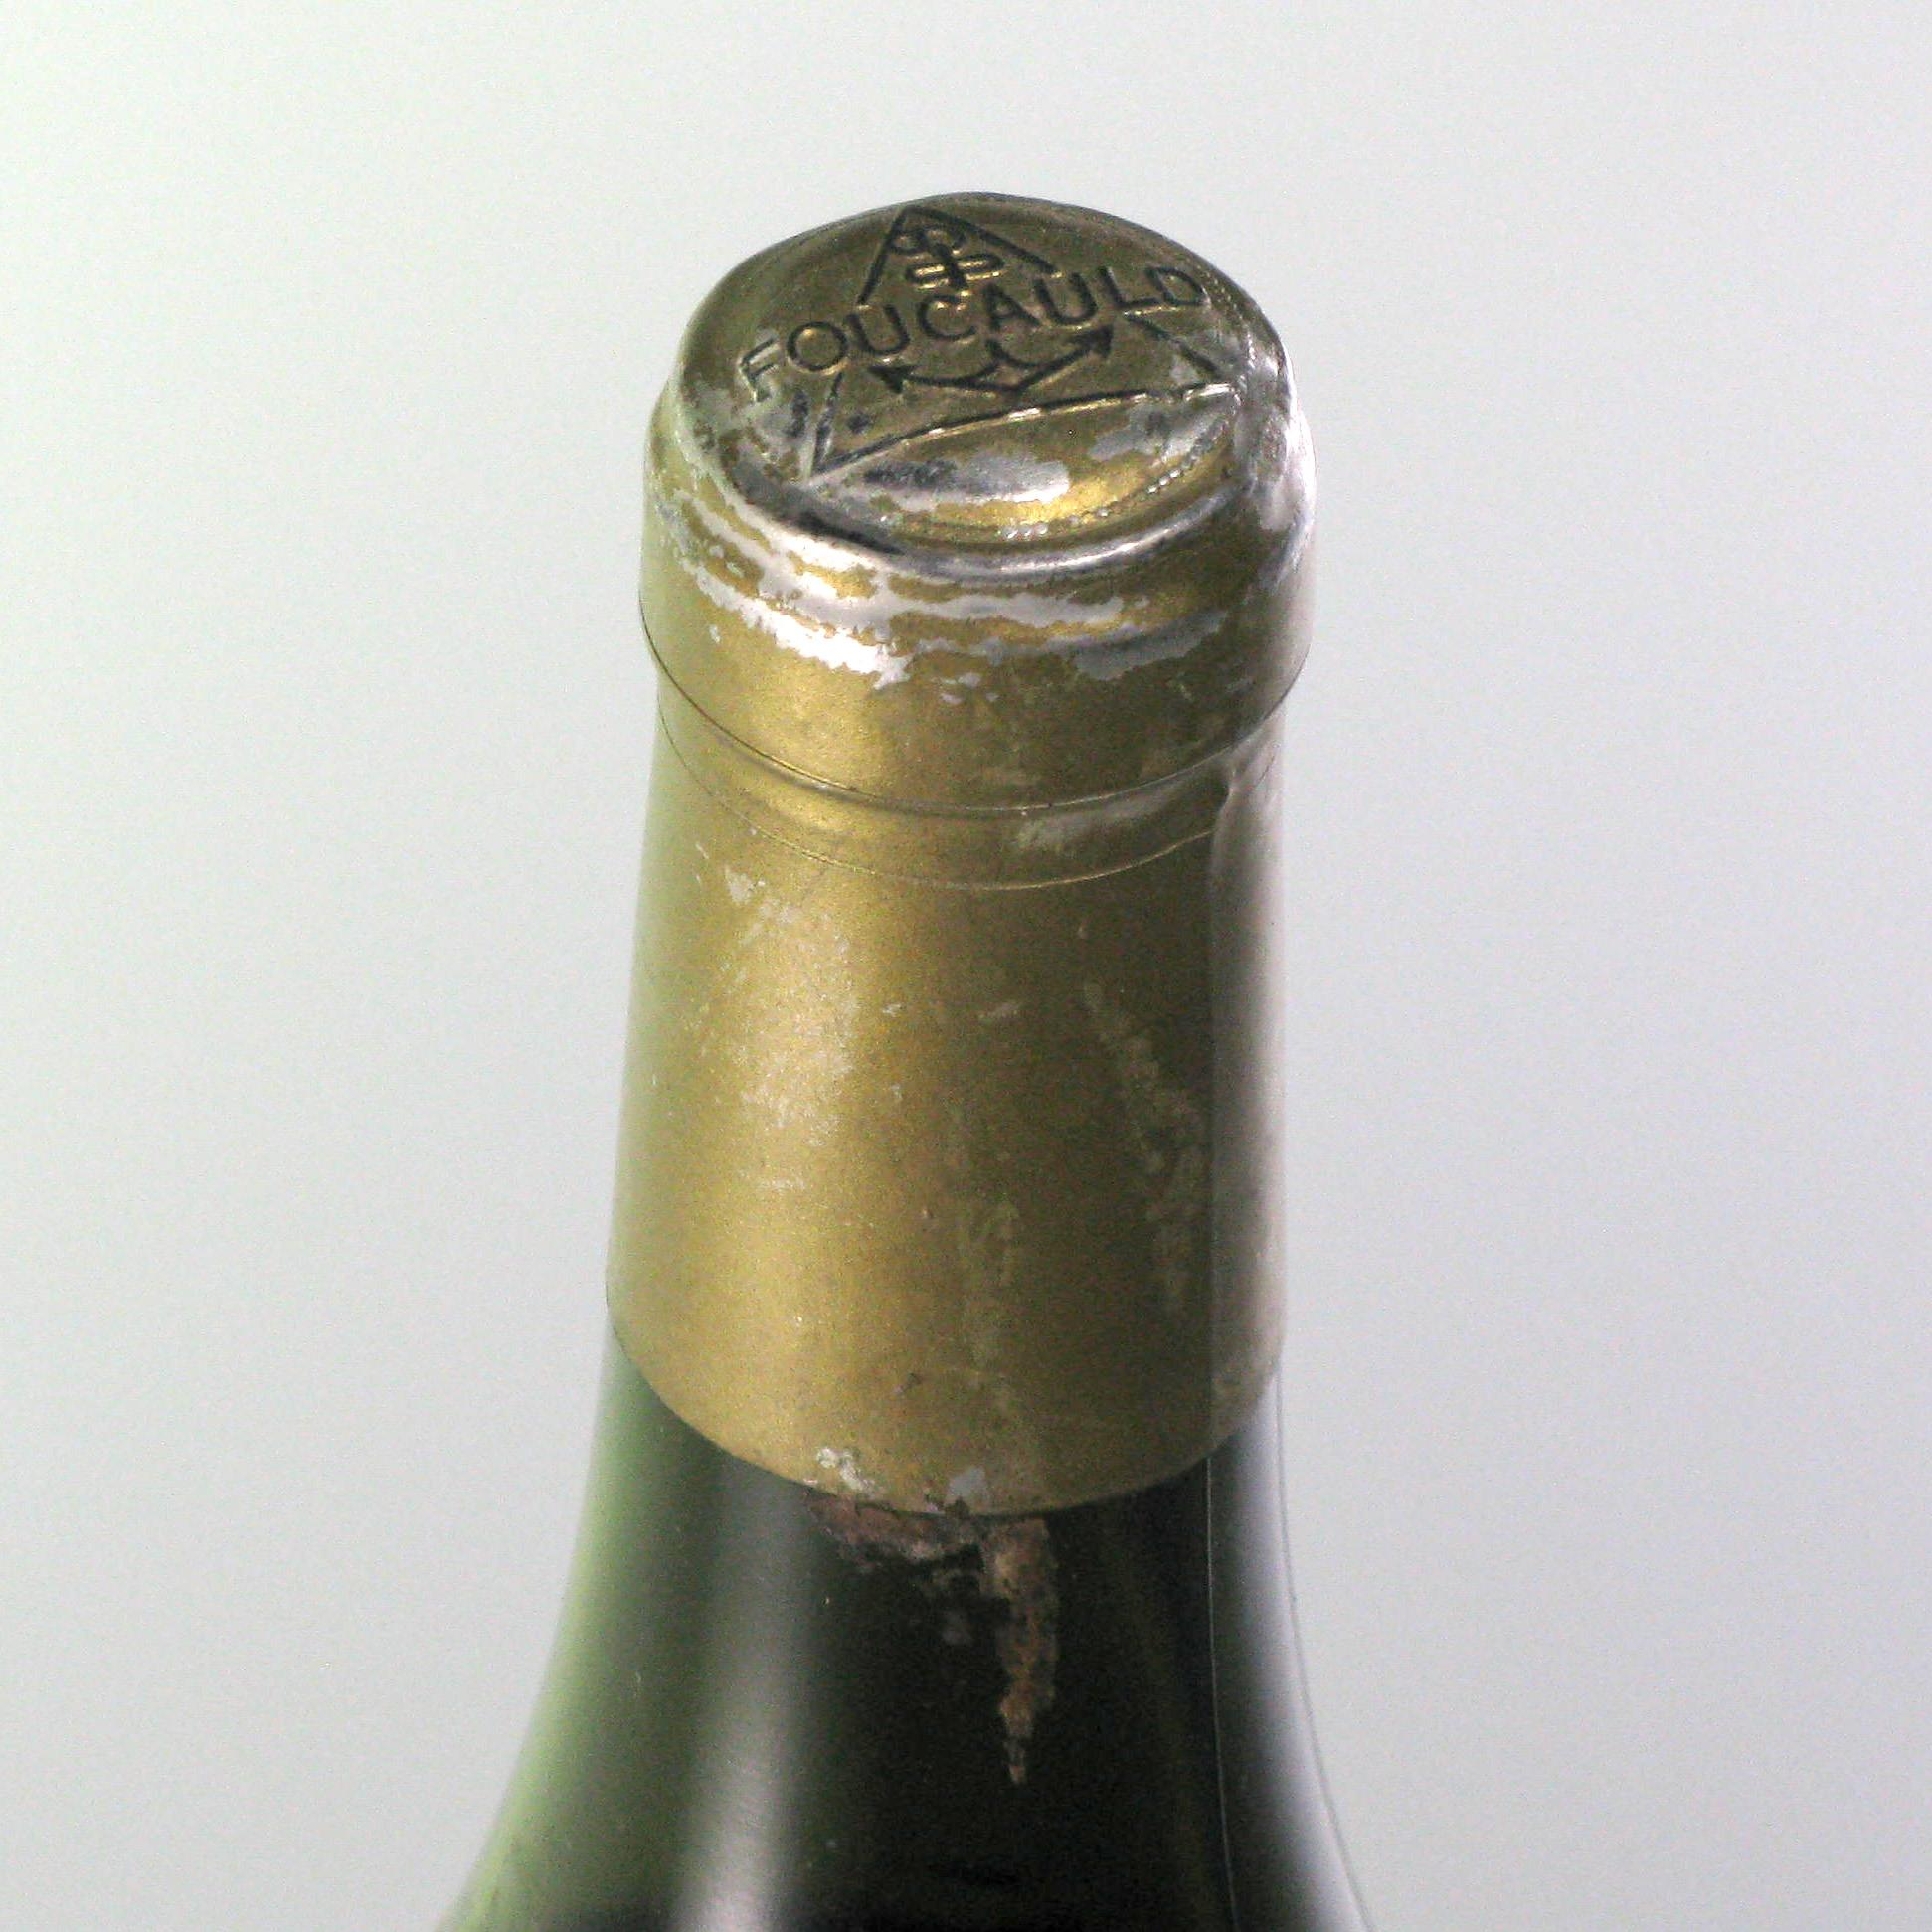 Cognac 1878 Lucien Foucauld